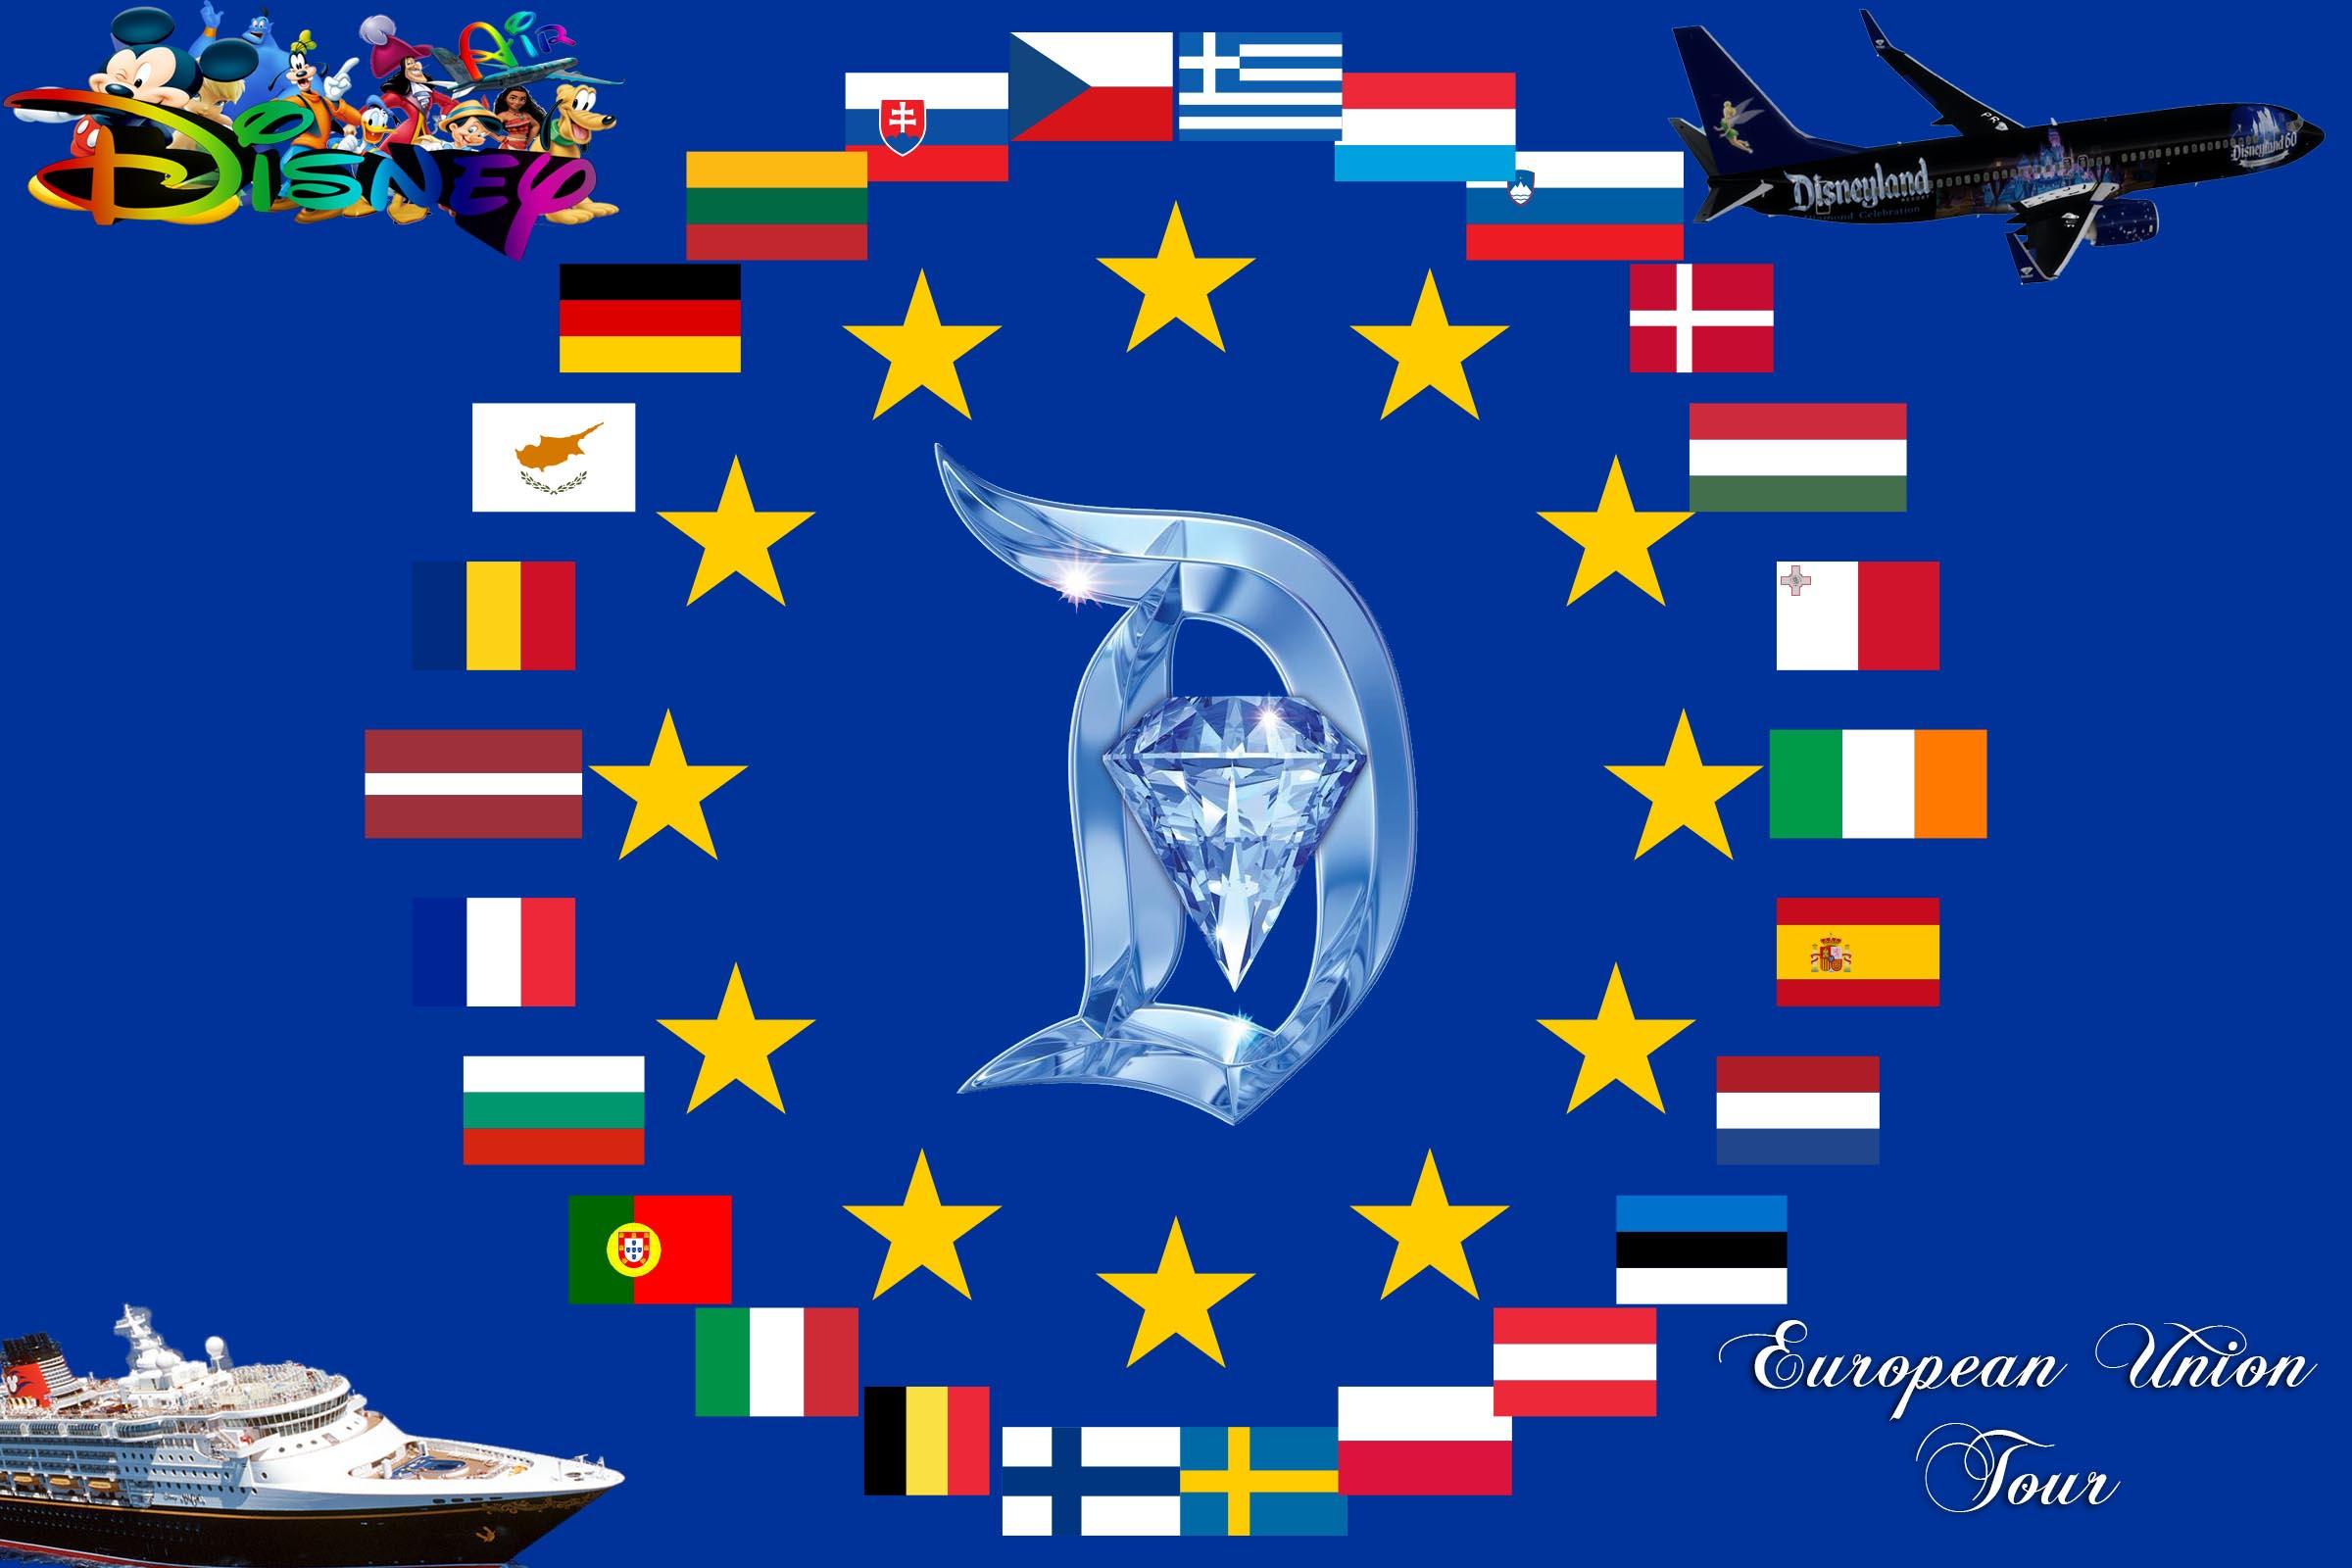 Disney Air's European Union Tour